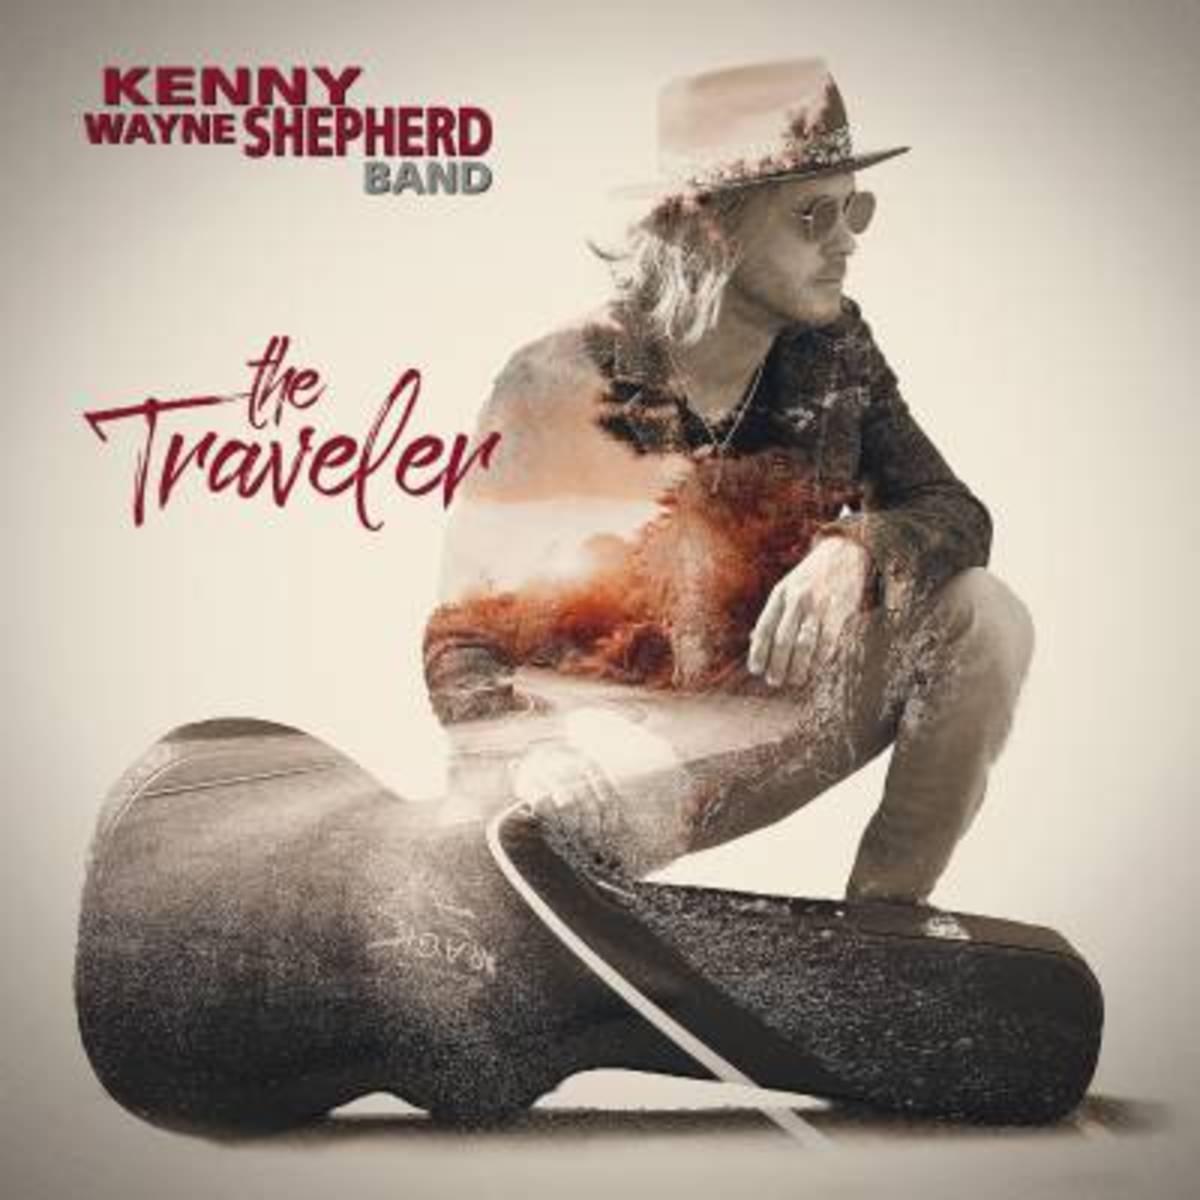 KWS-the traveler